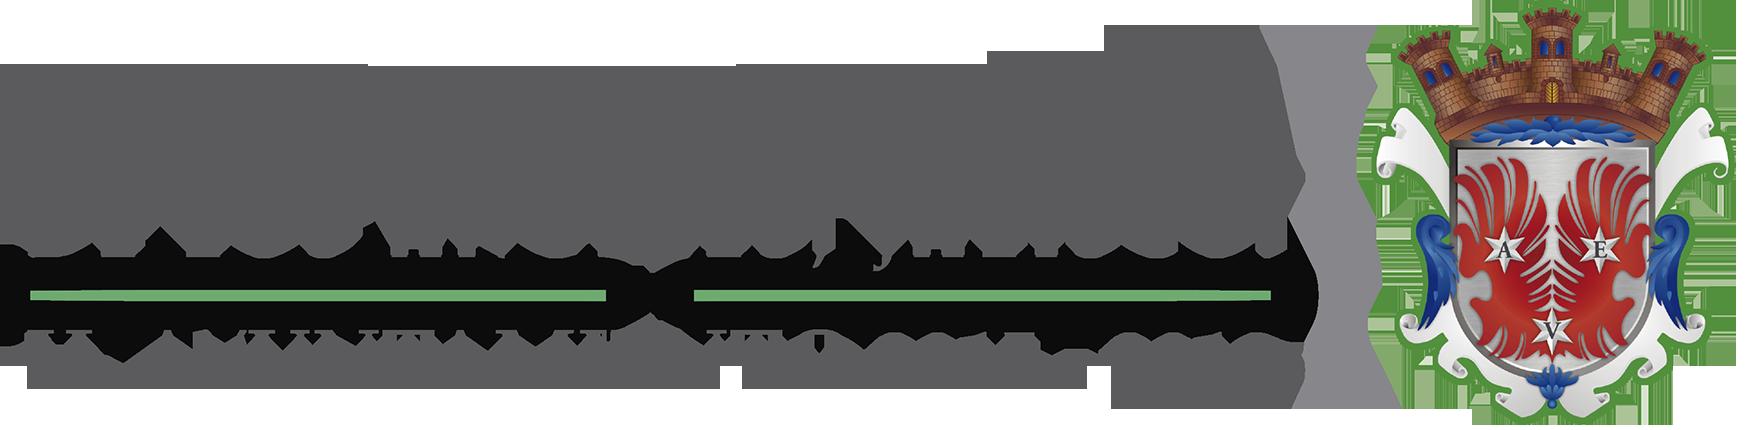 Gobierno Municipal de Santa María de los Ángeles, Jalisco